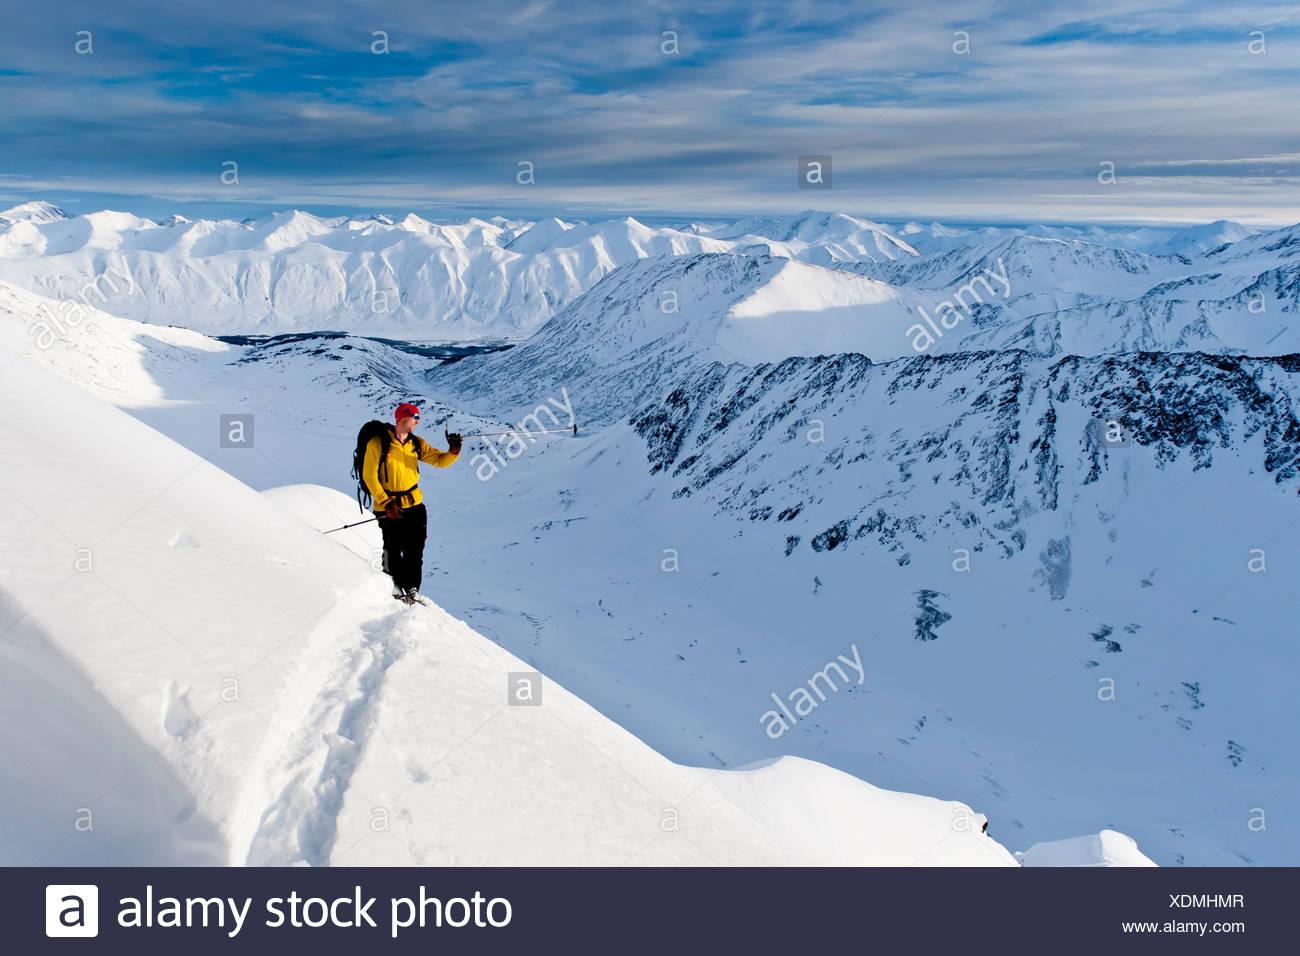 Sciatore sale elevato per gli sci il ripido fronte sud-ovest del monte Kickstep, Turnagain Pass, Kenai Mountains in Alaska centromeridionale Foto Stock